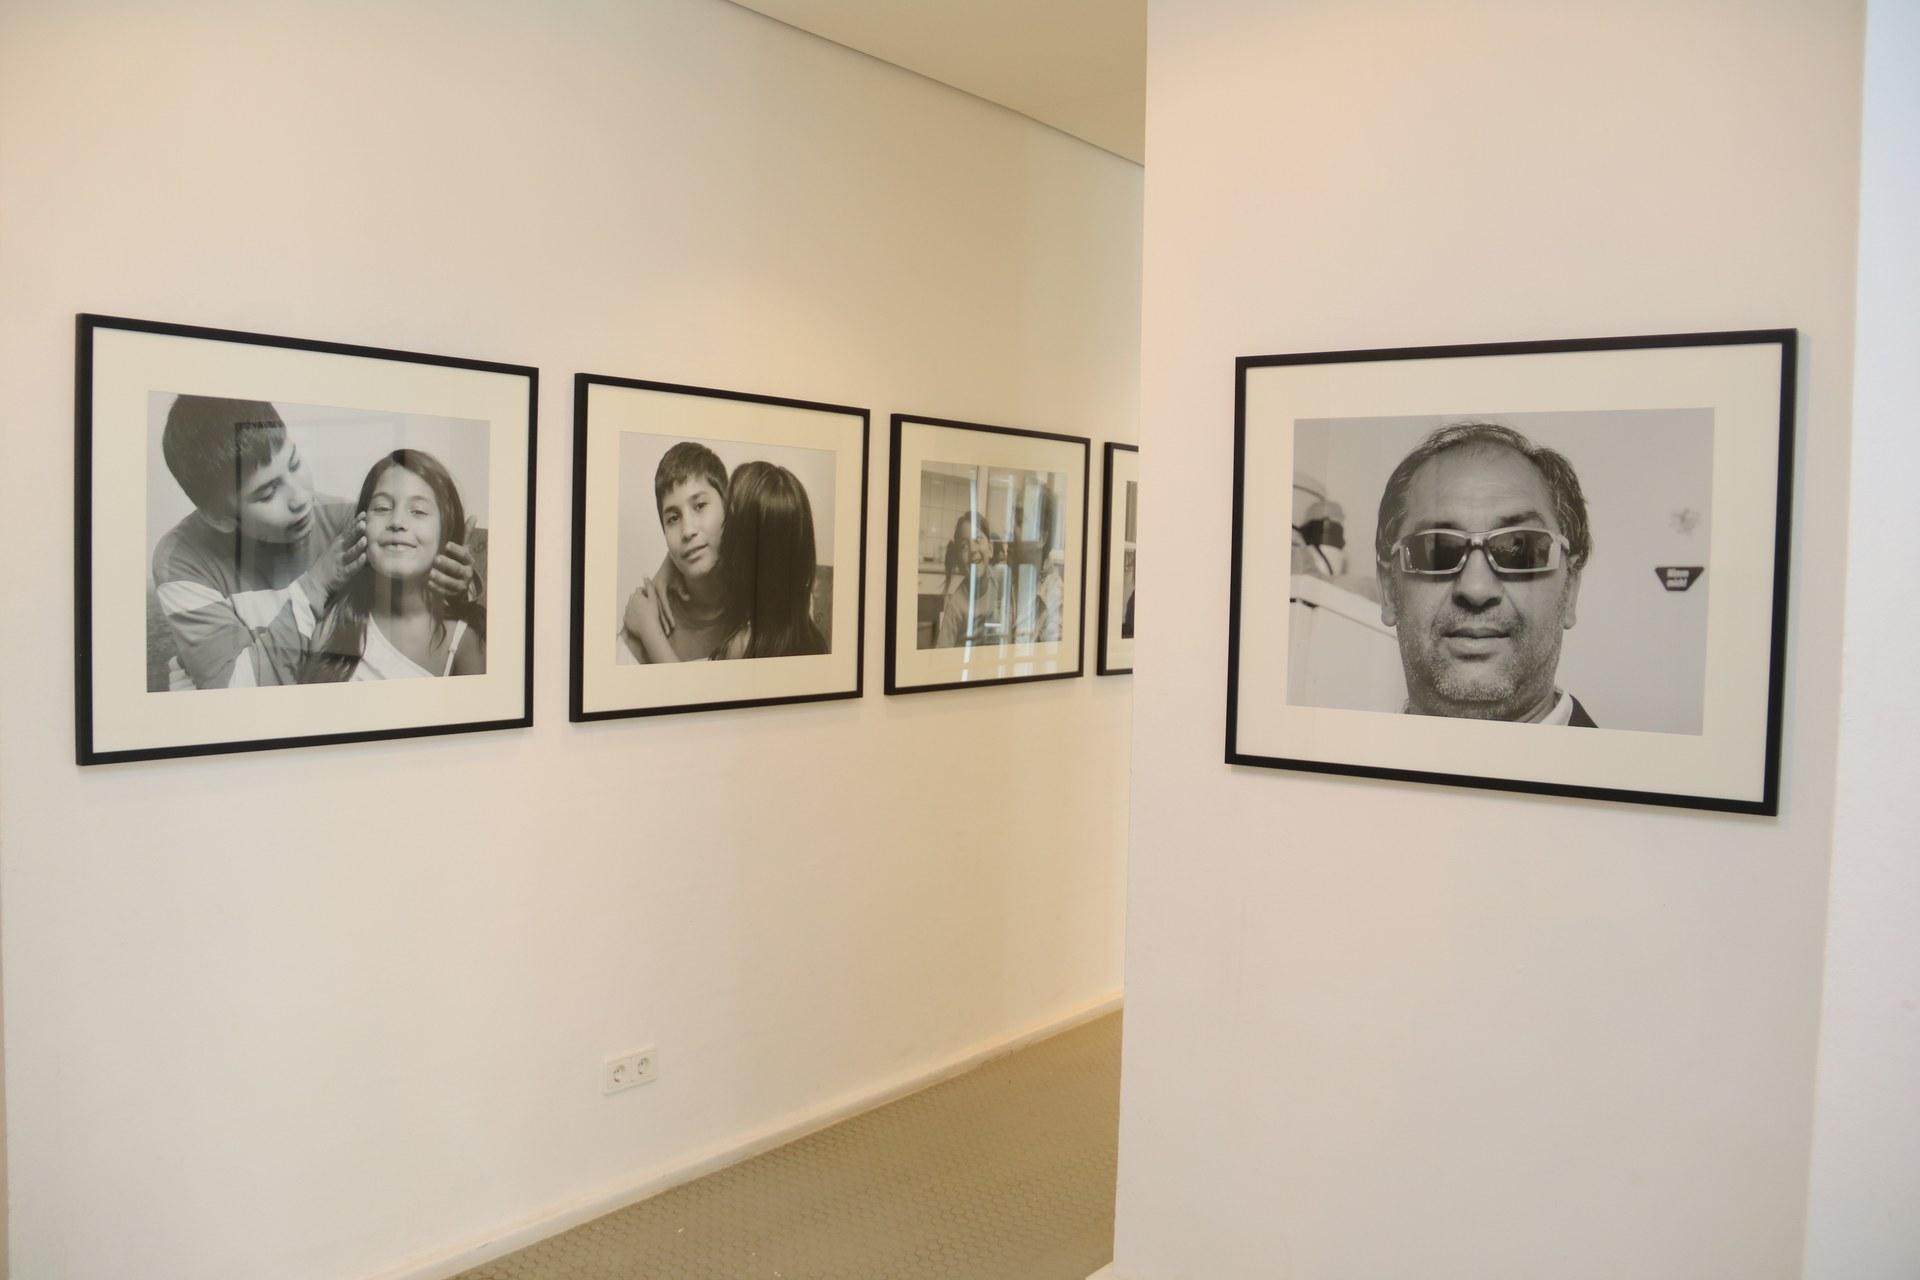 0802 Fotoausstellung im Kulturforum Alte Post_2.JPG